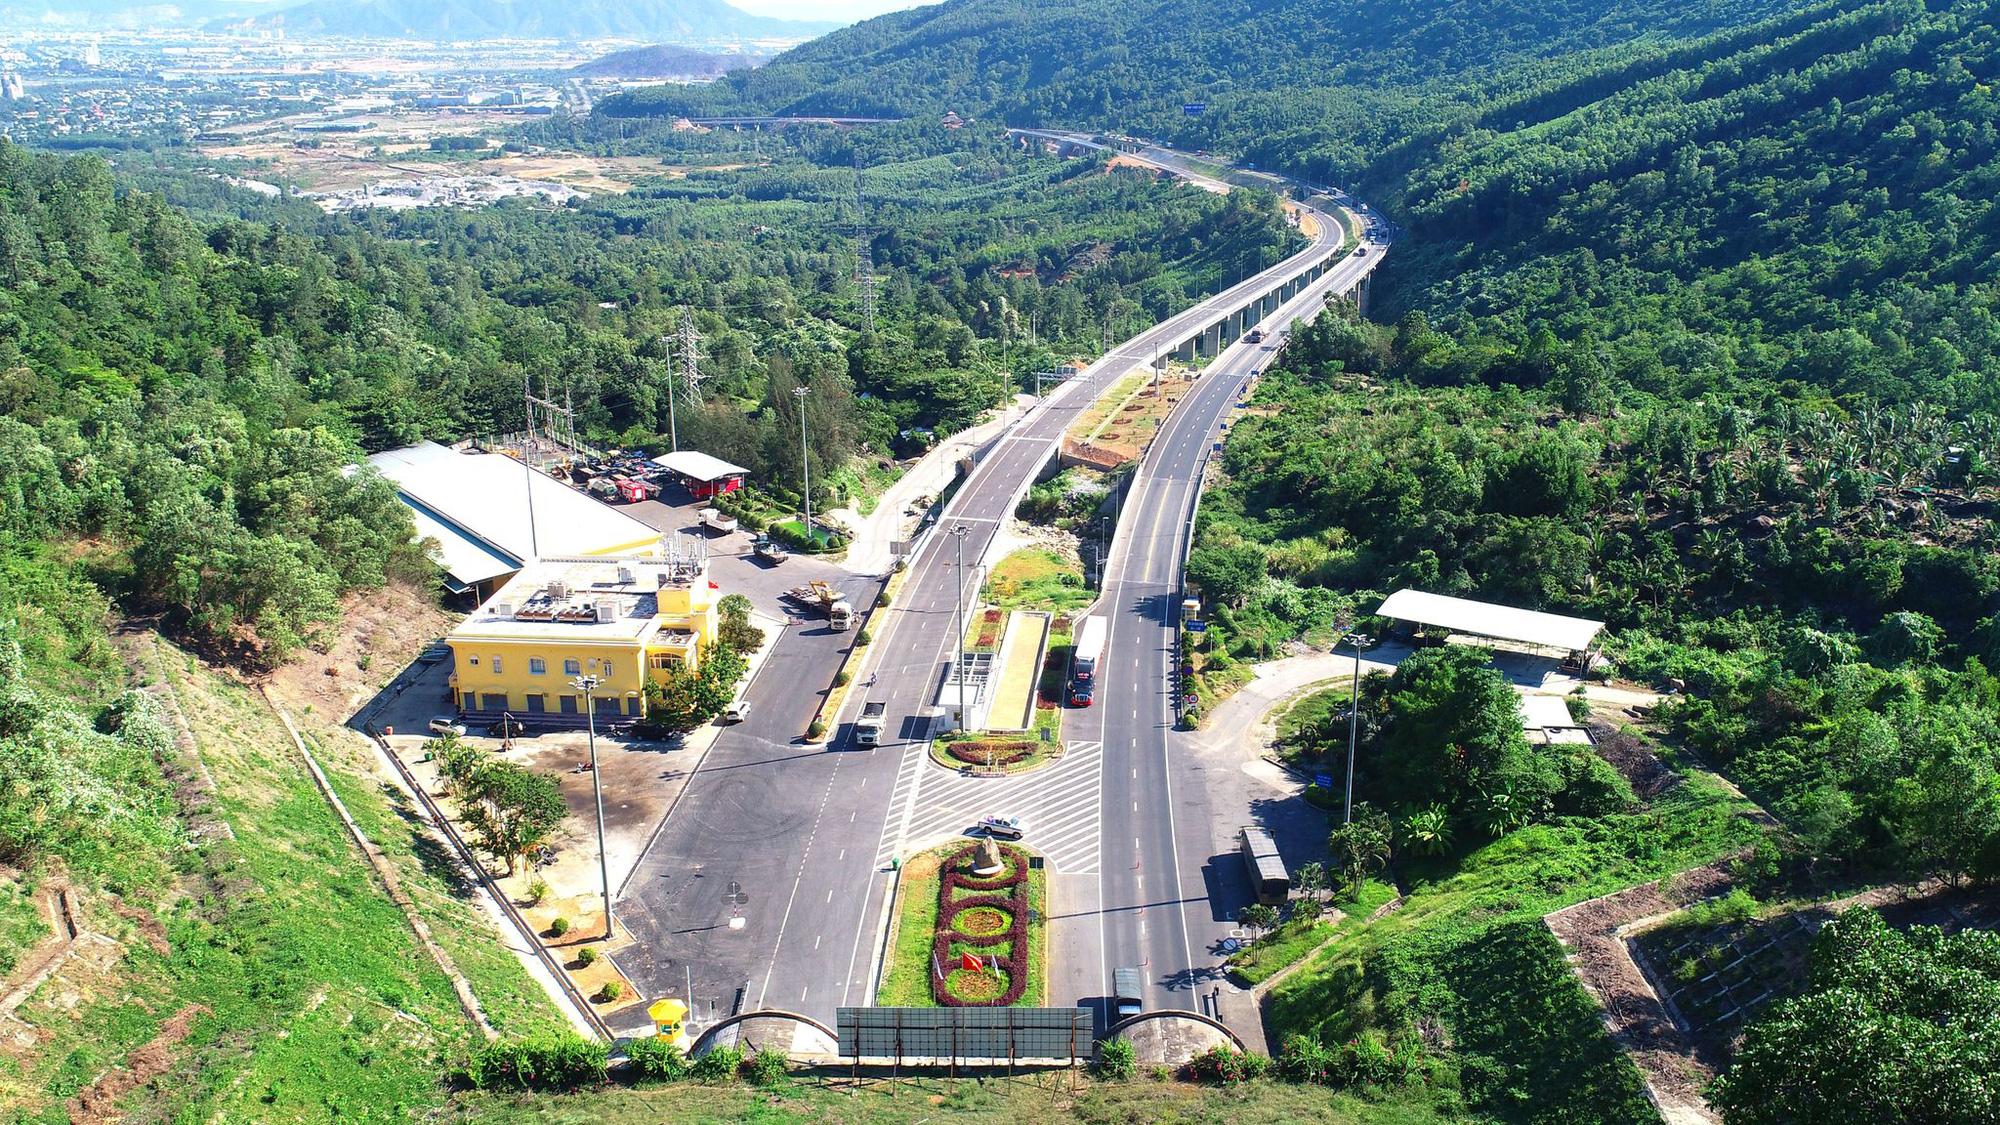 Tiết lộ 3 dự án giao thông nghìn tỷ sẽ đưa vào khai thác - Ảnh 3.